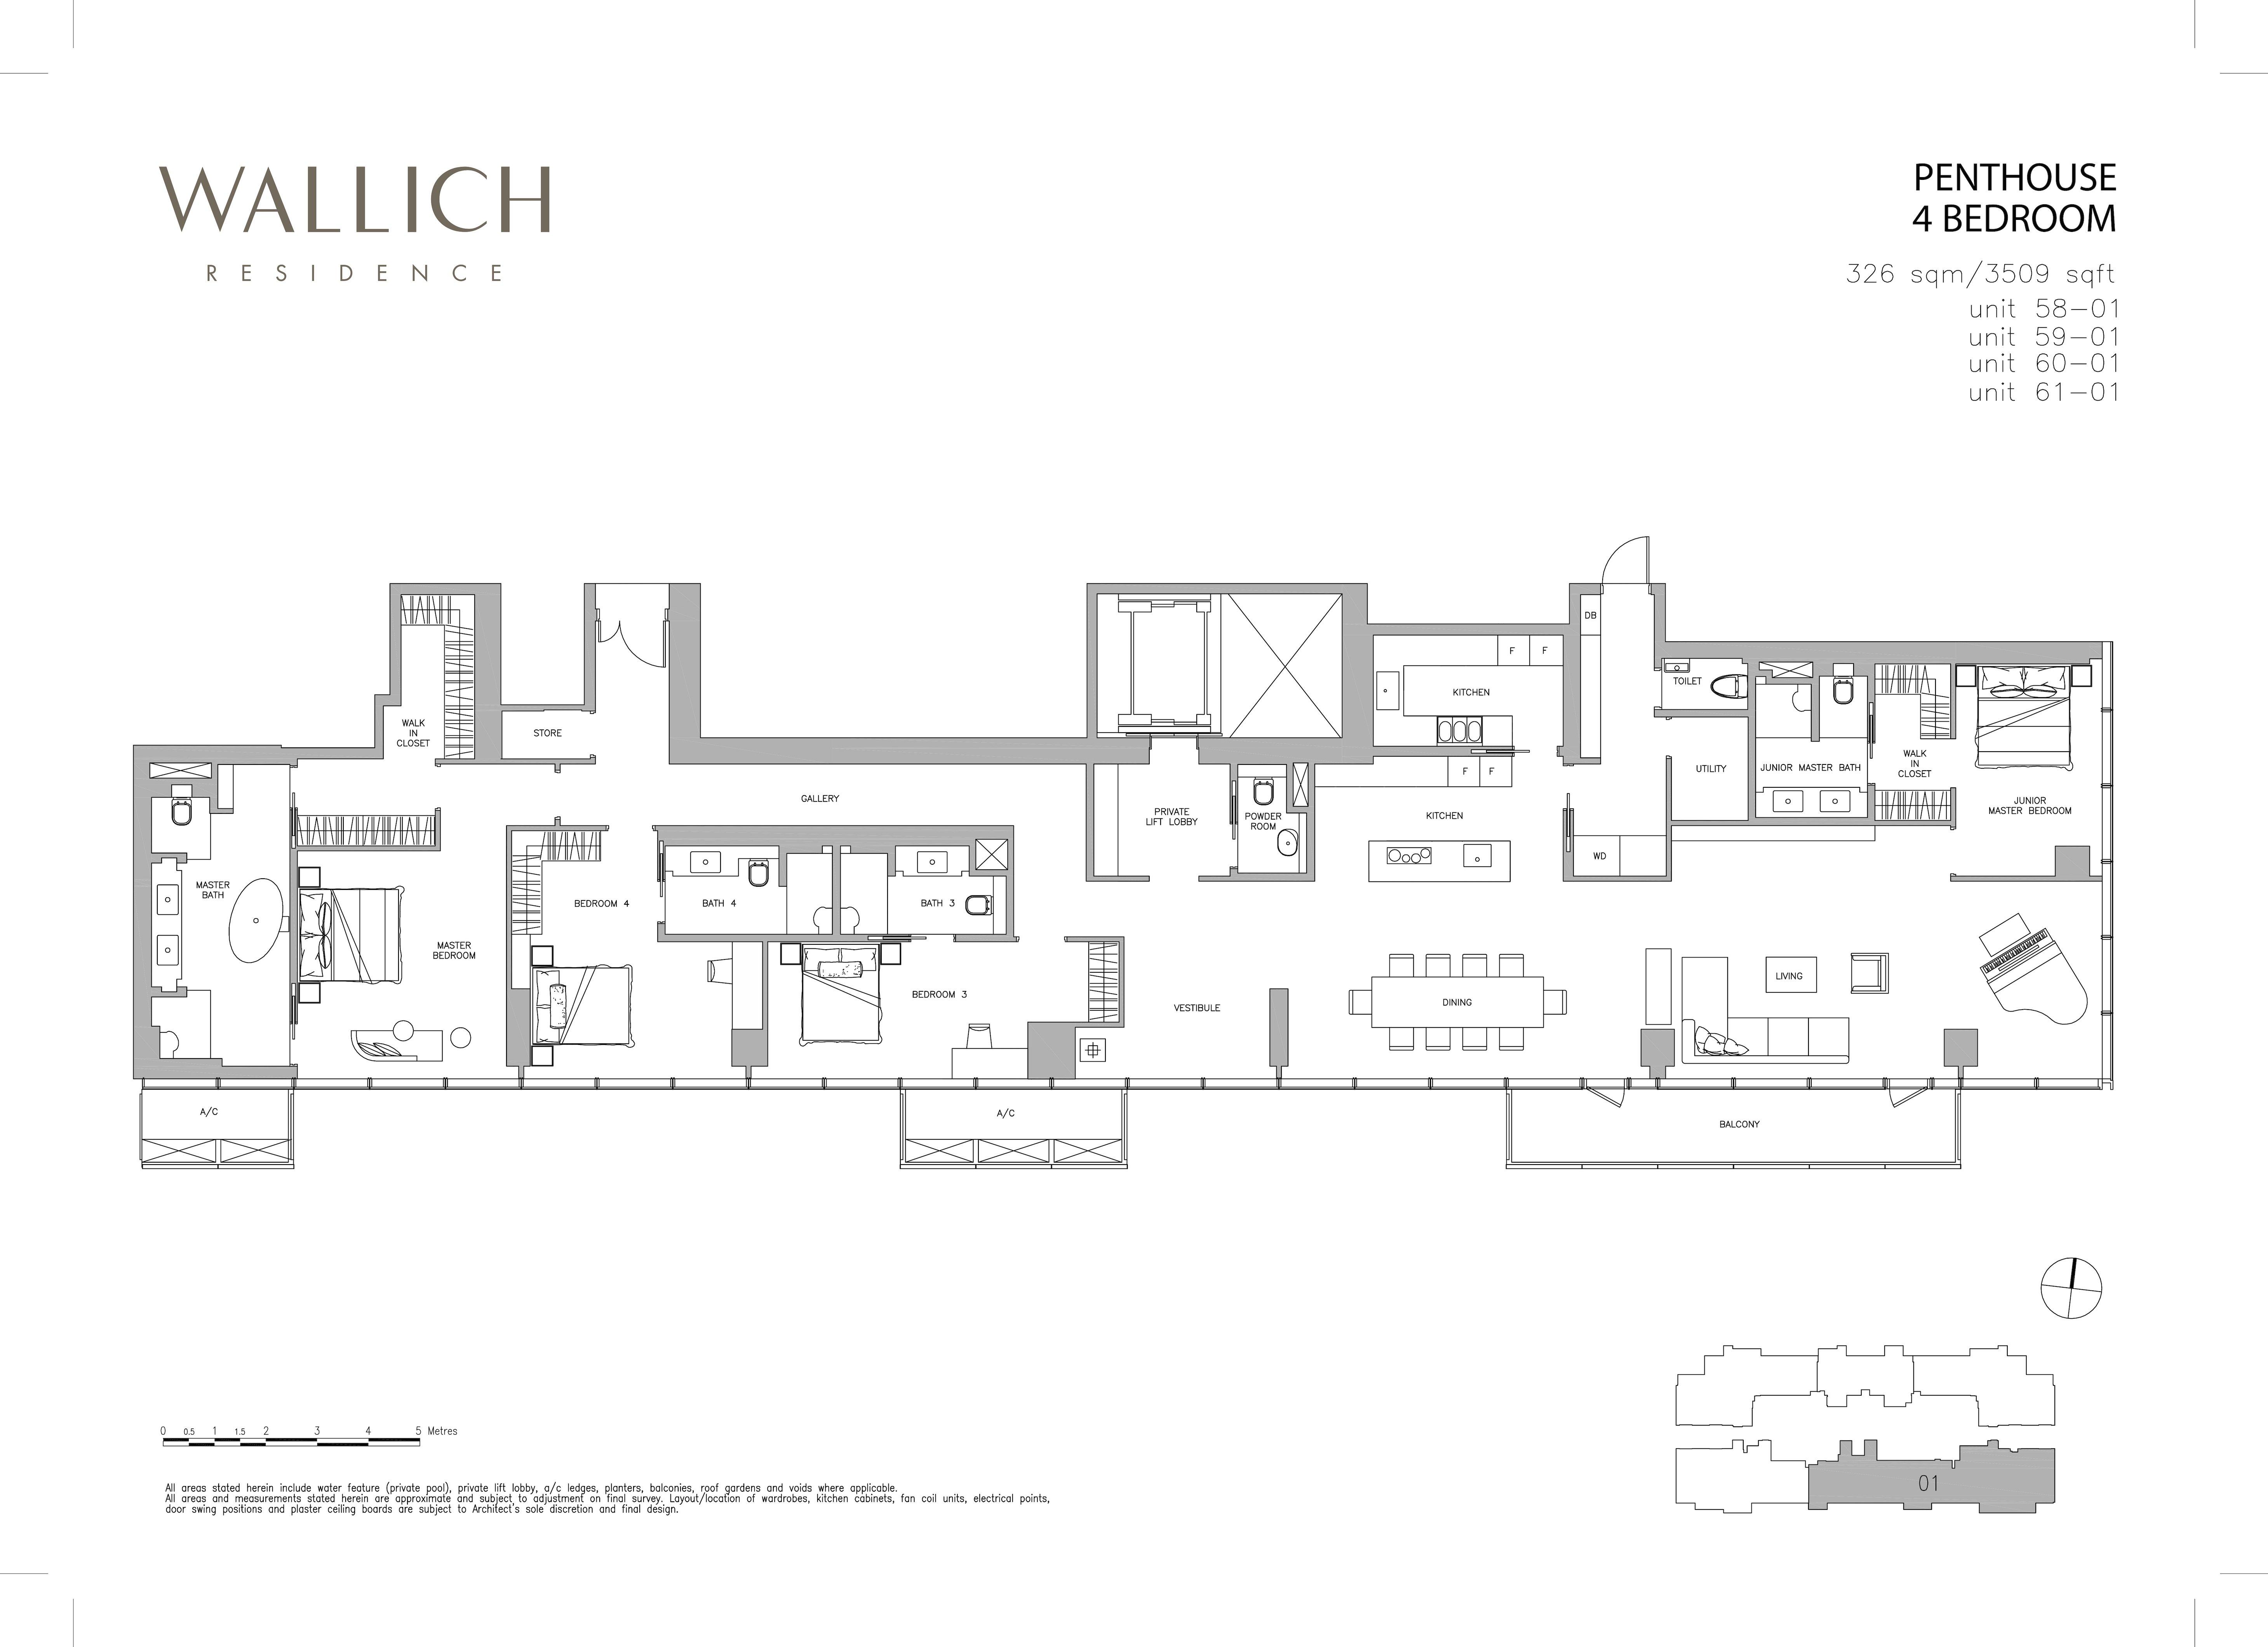 华利世家 wallich residence 4-Bedroom Penthouse floor plan edit